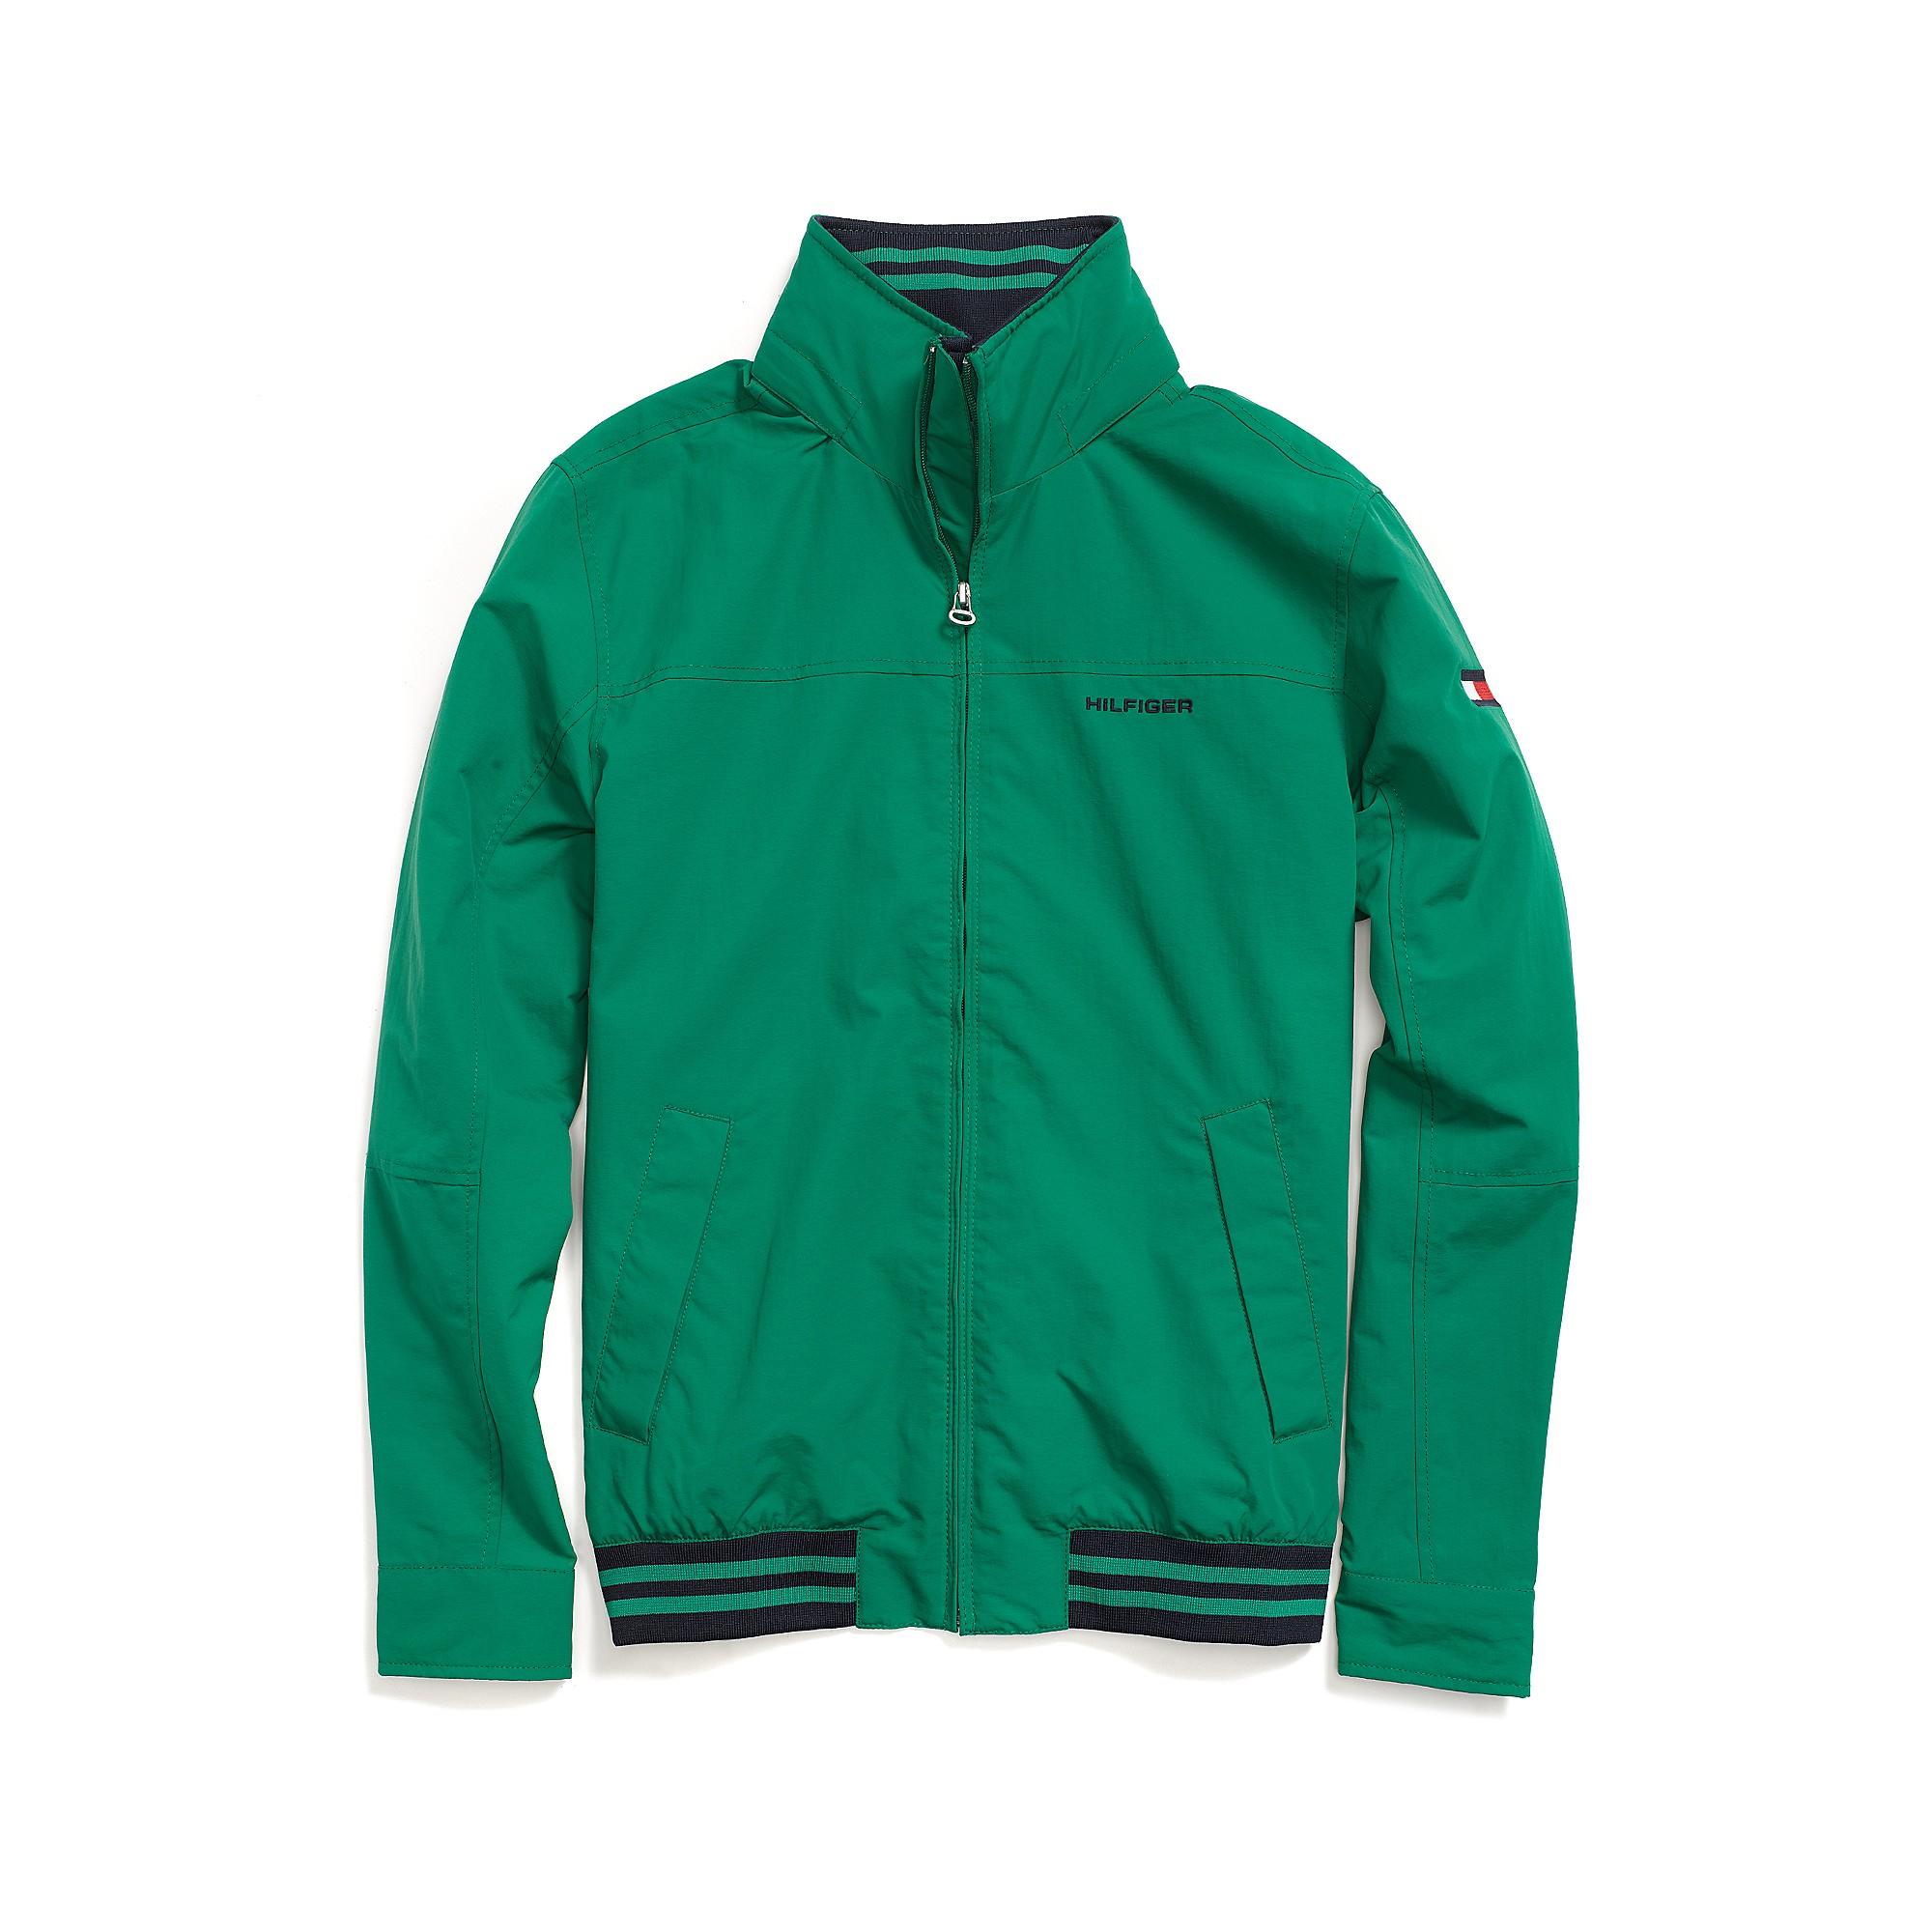 tommy hilfiger regatta jacket in green for men verdant green. Black Bedroom Furniture Sets. Home Design Ideas